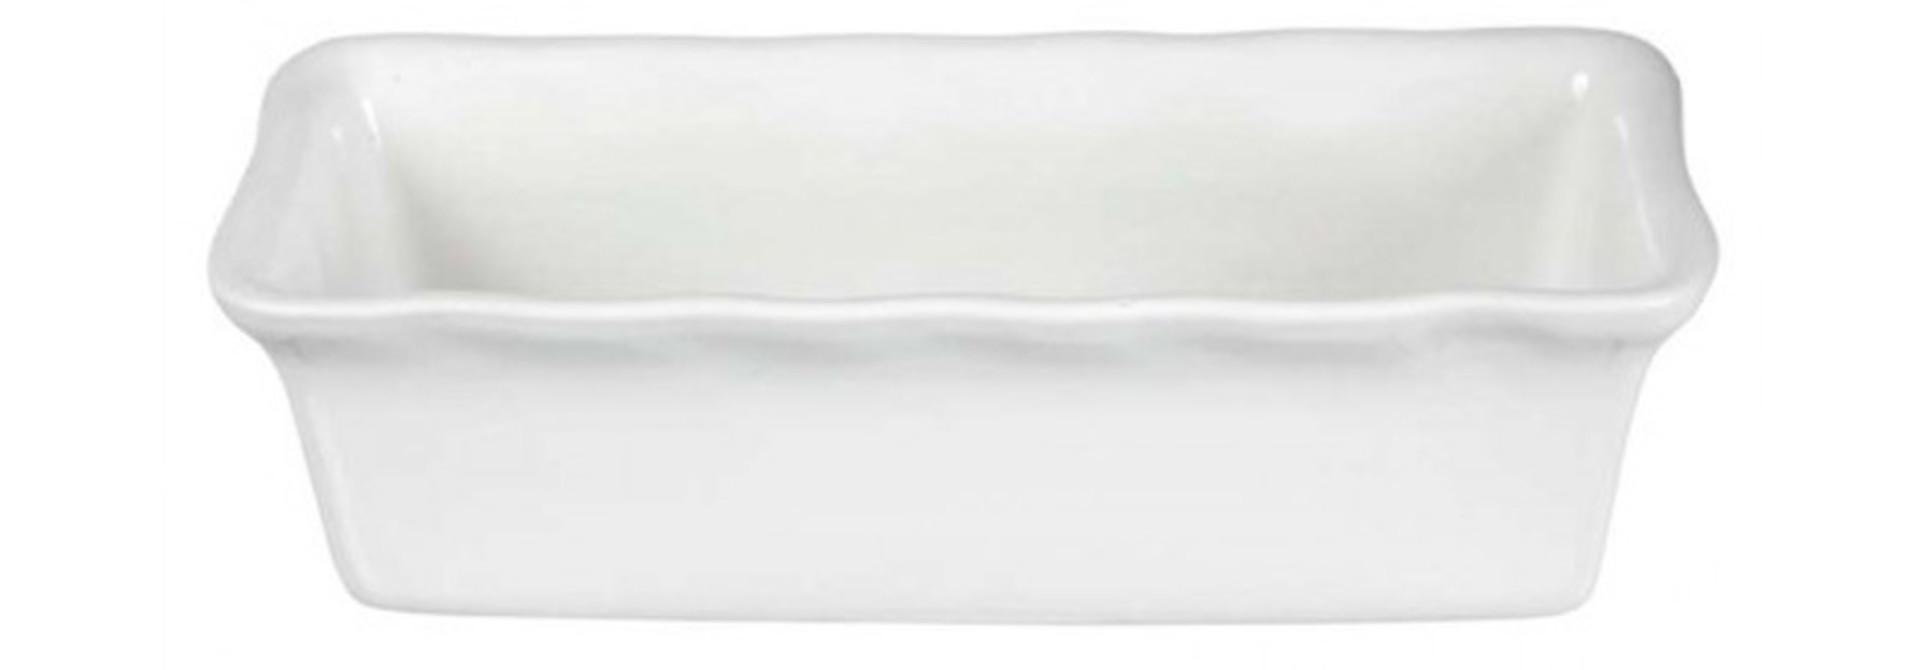 Lea Cake/Loaf Dish - White